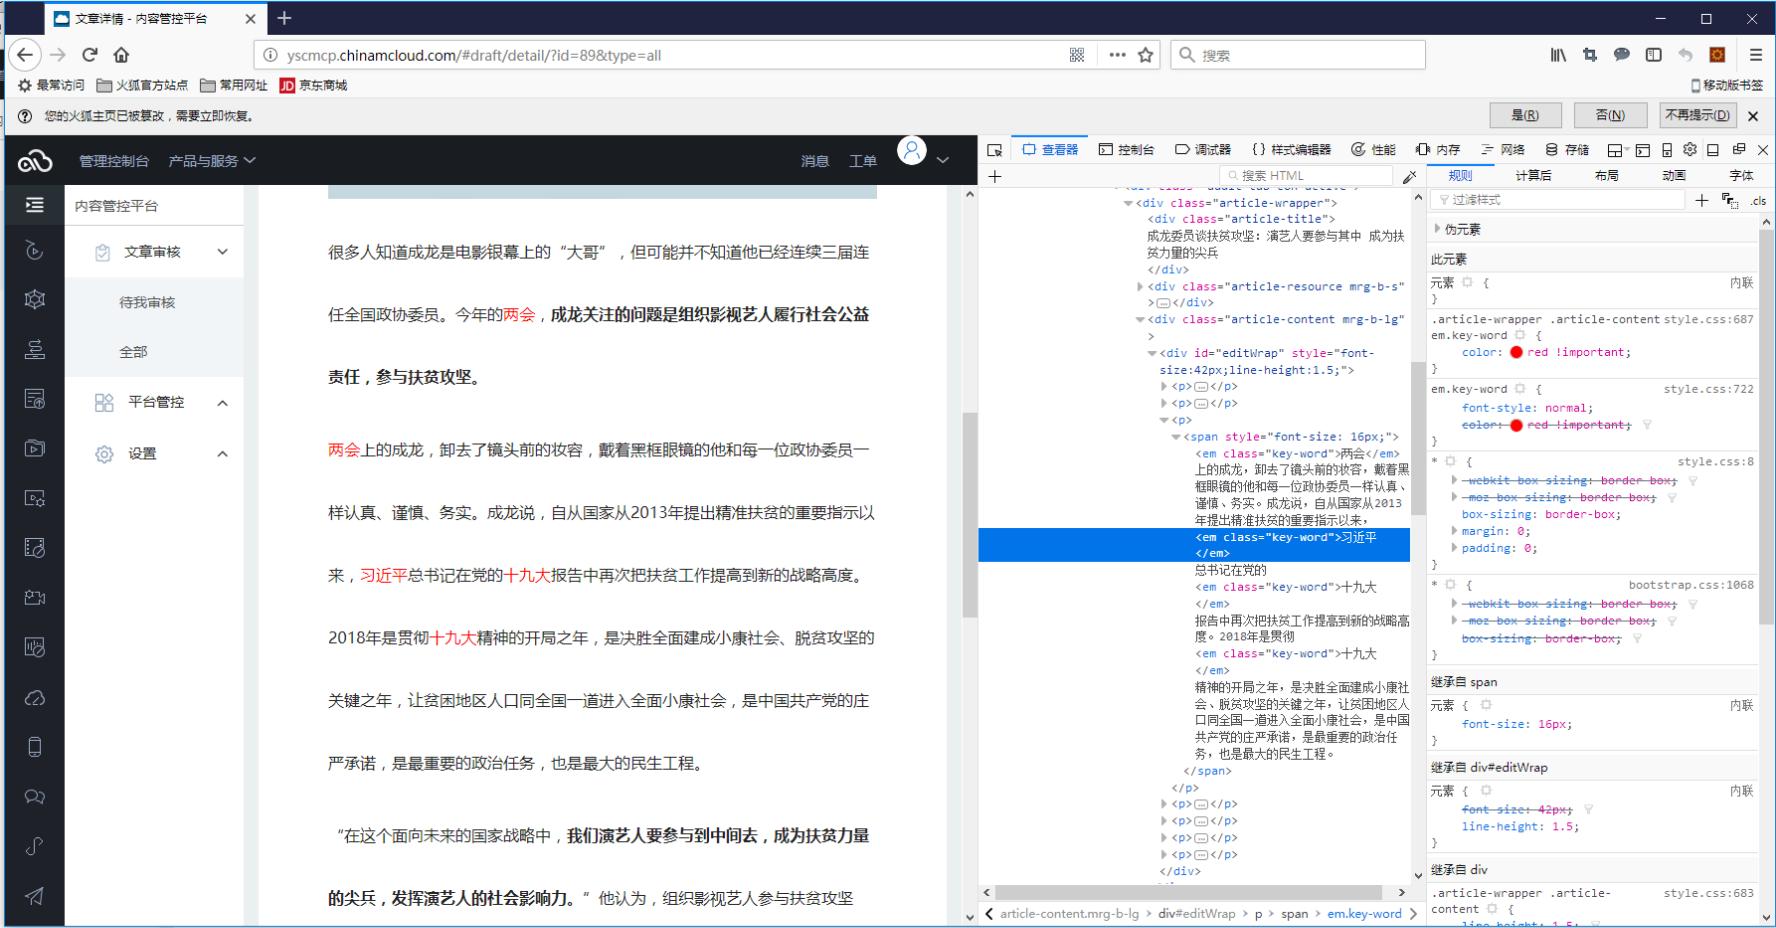 """将 html 富文本中的关键词(习近平)加上<em class=""""key-word"""">习近平</em>"""